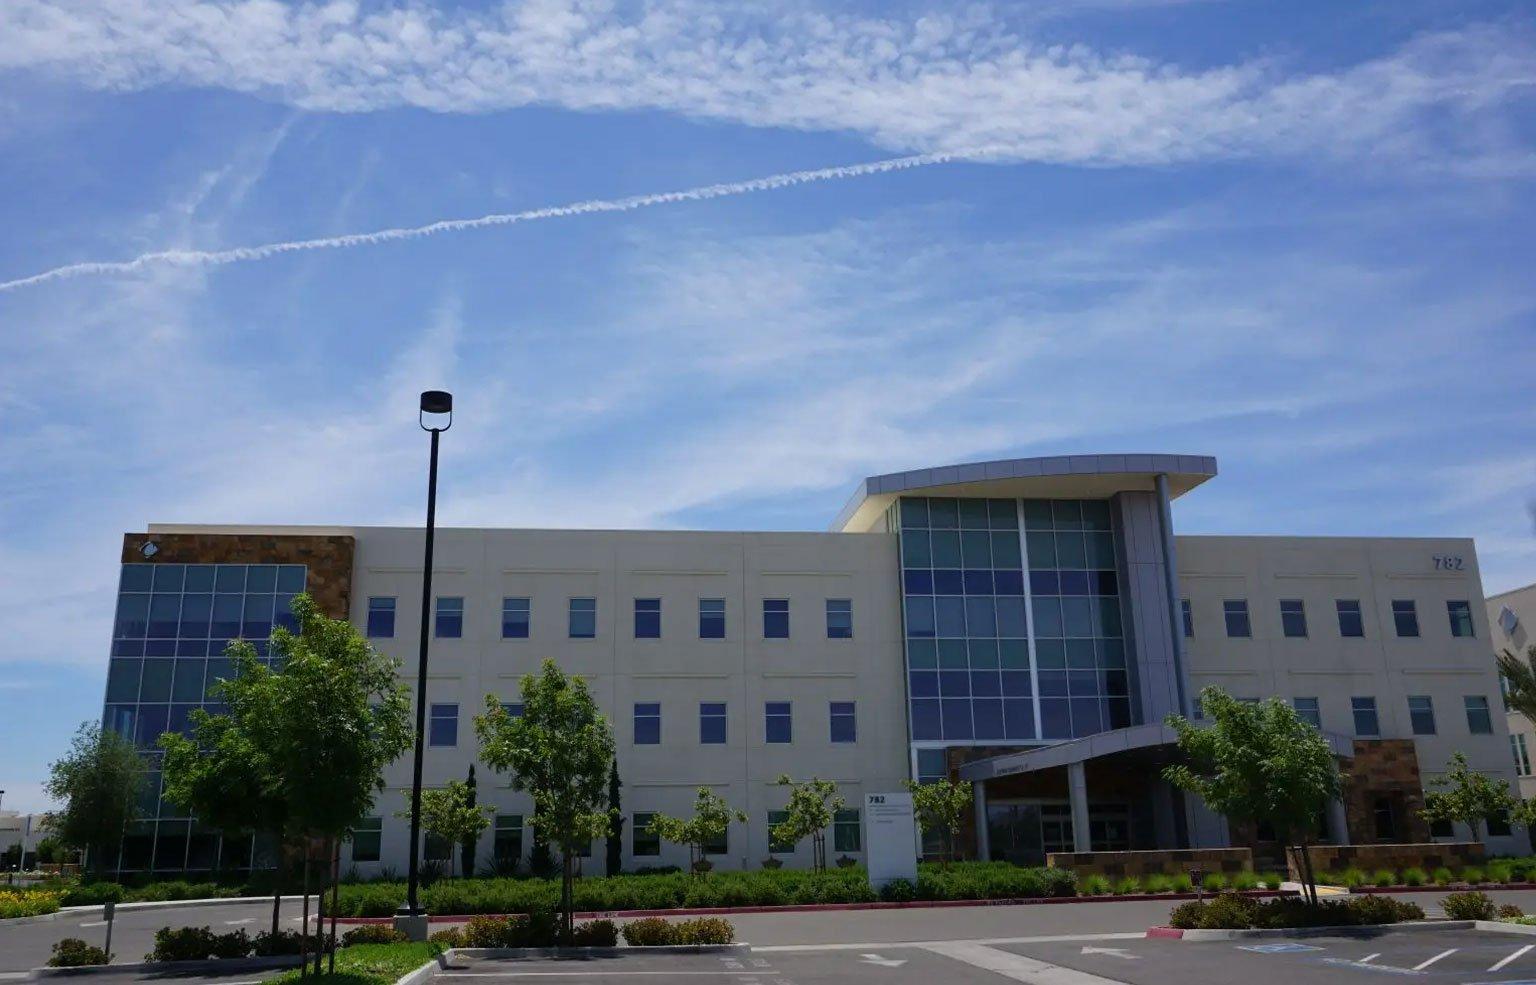 Clovis Medical Center